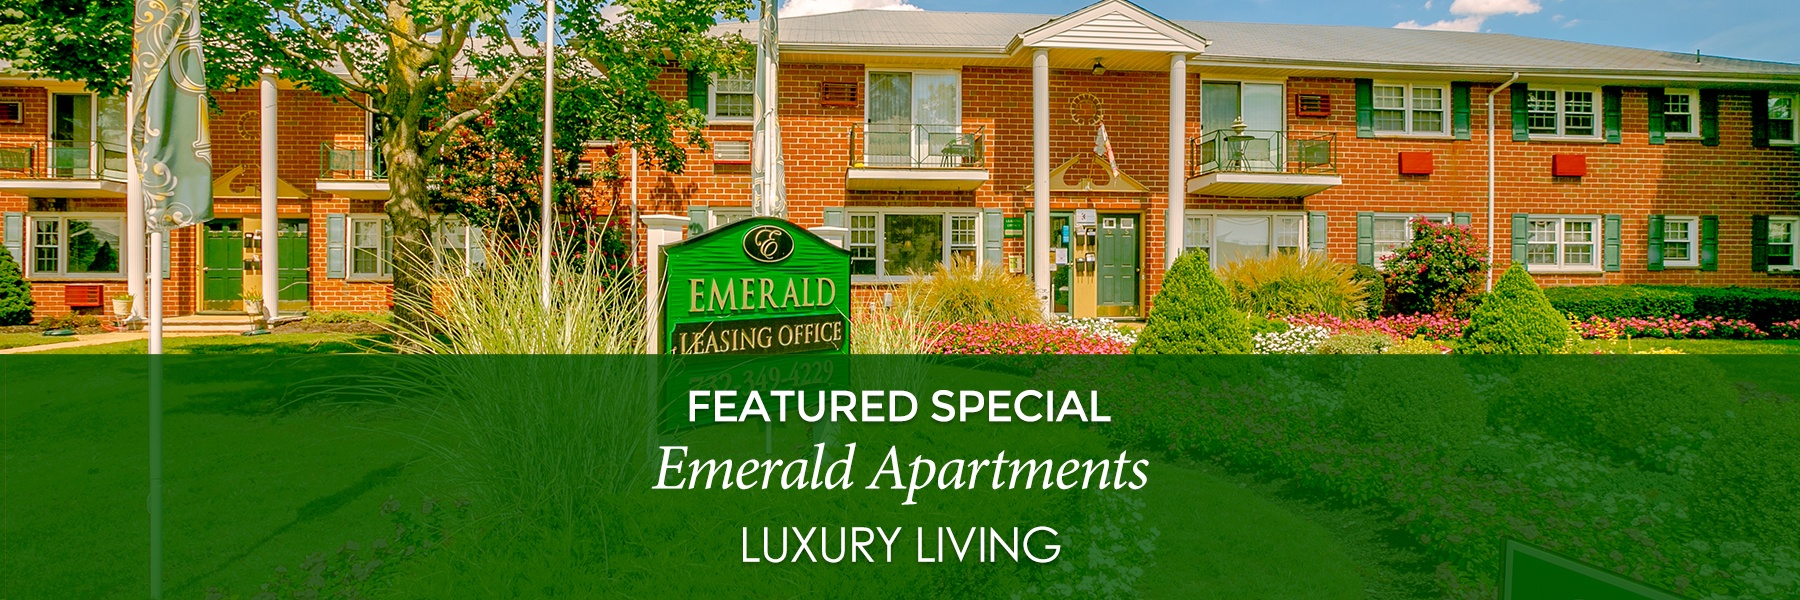 Emerald Apartments For Rent in Toms River, NJ Specials